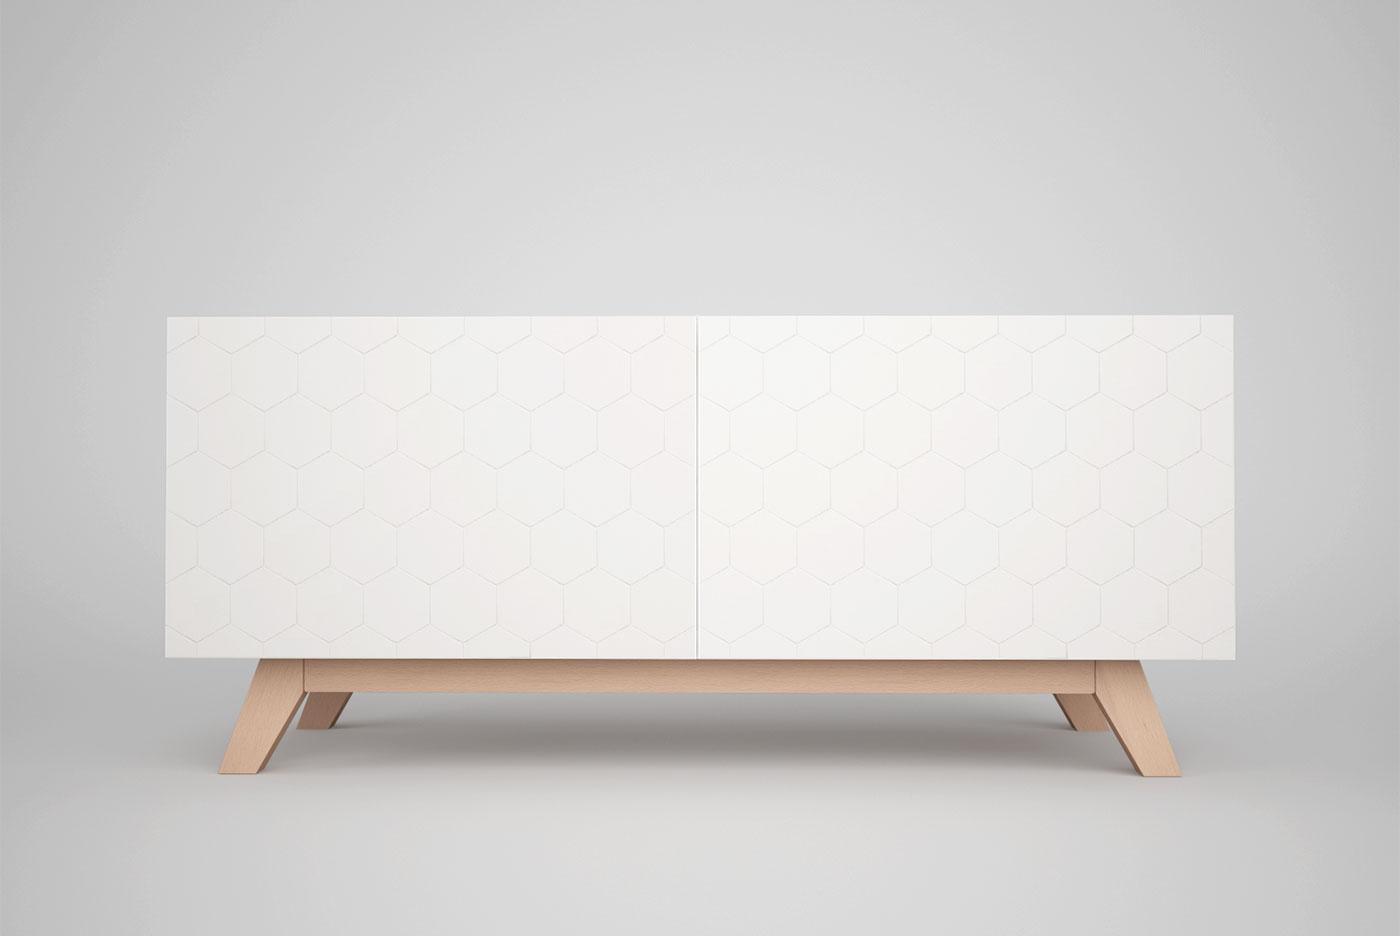 Holz Möbelfüße Ikea